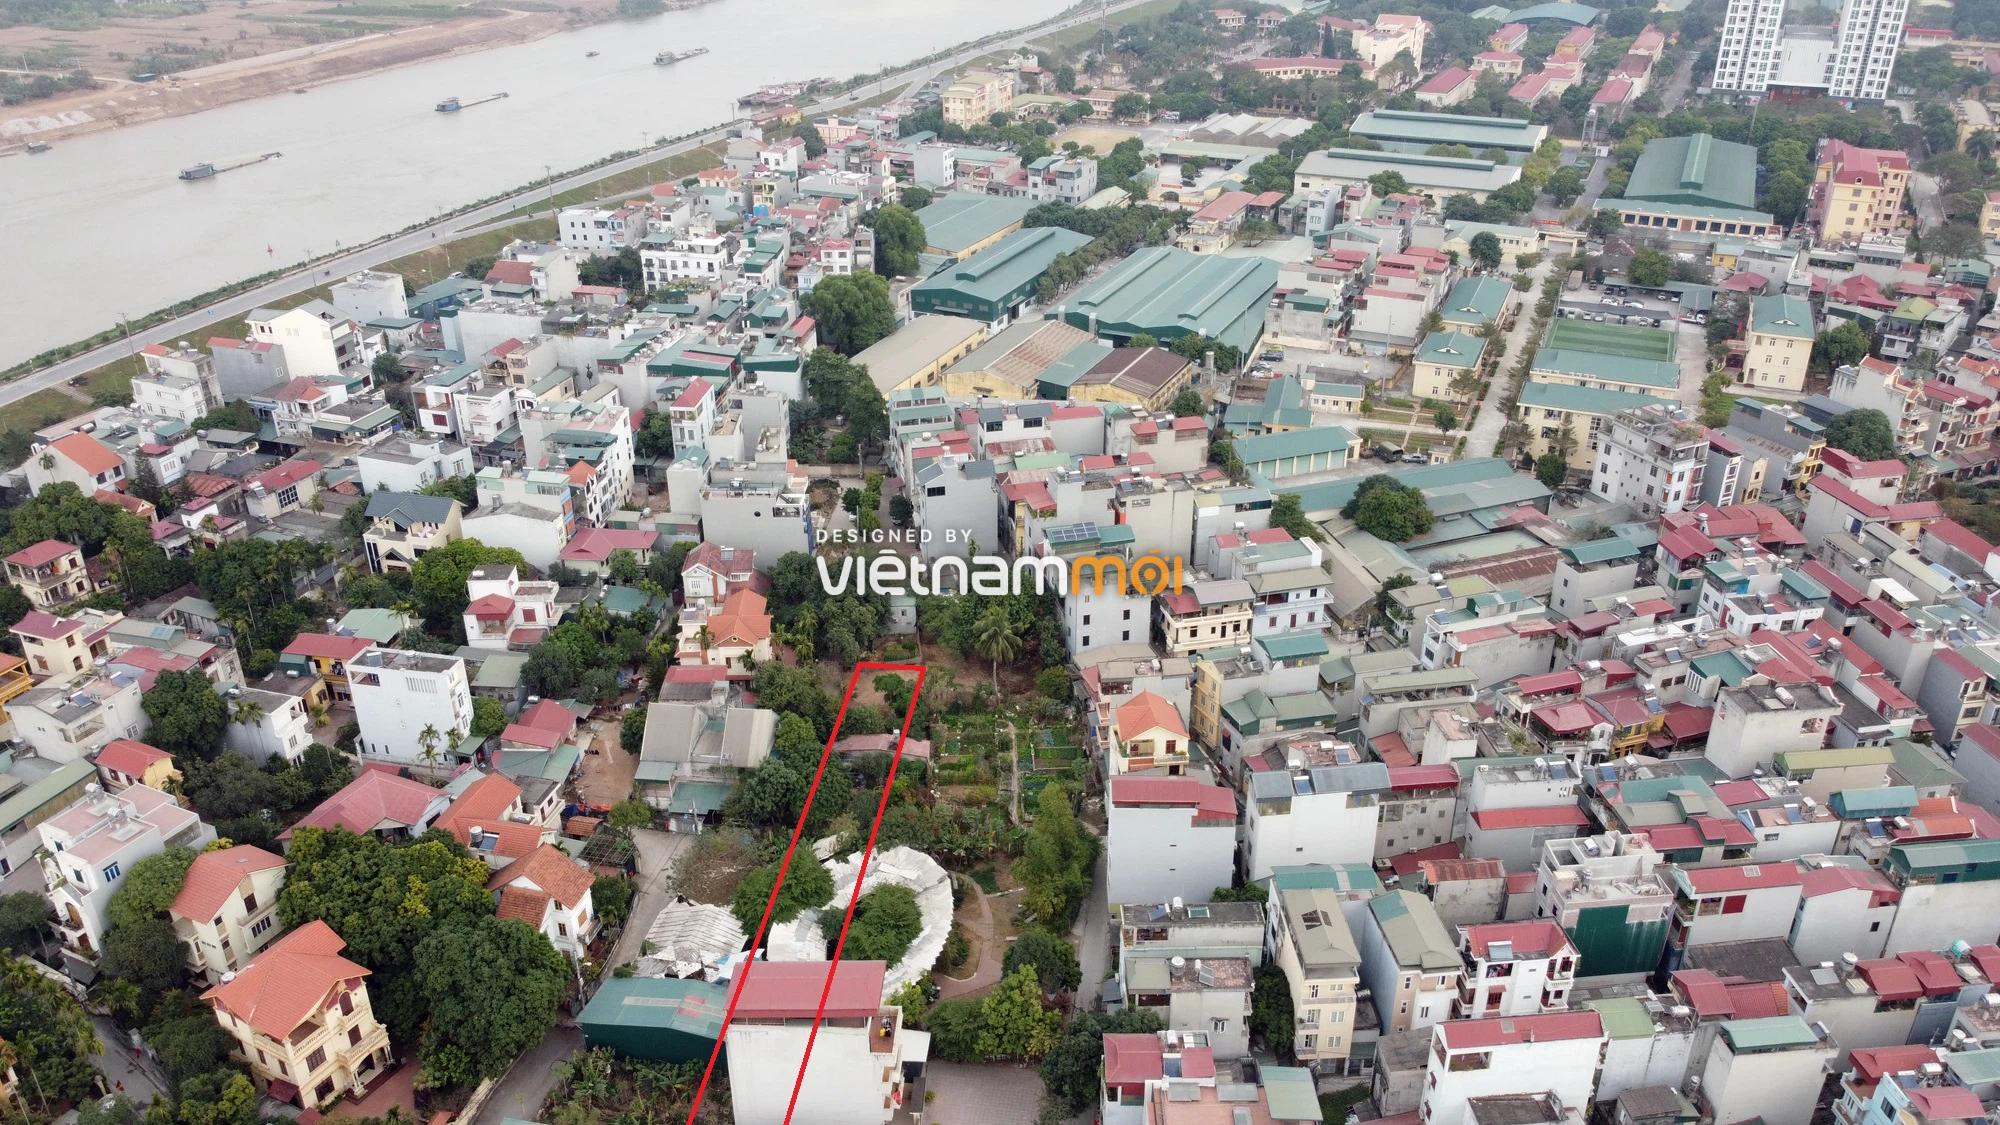 Những khu đất sắp thu hồi để mở đường ở phường Ngọc Thụy, Long Biên, Hà Nội (phần 2) - Ảnh 6.